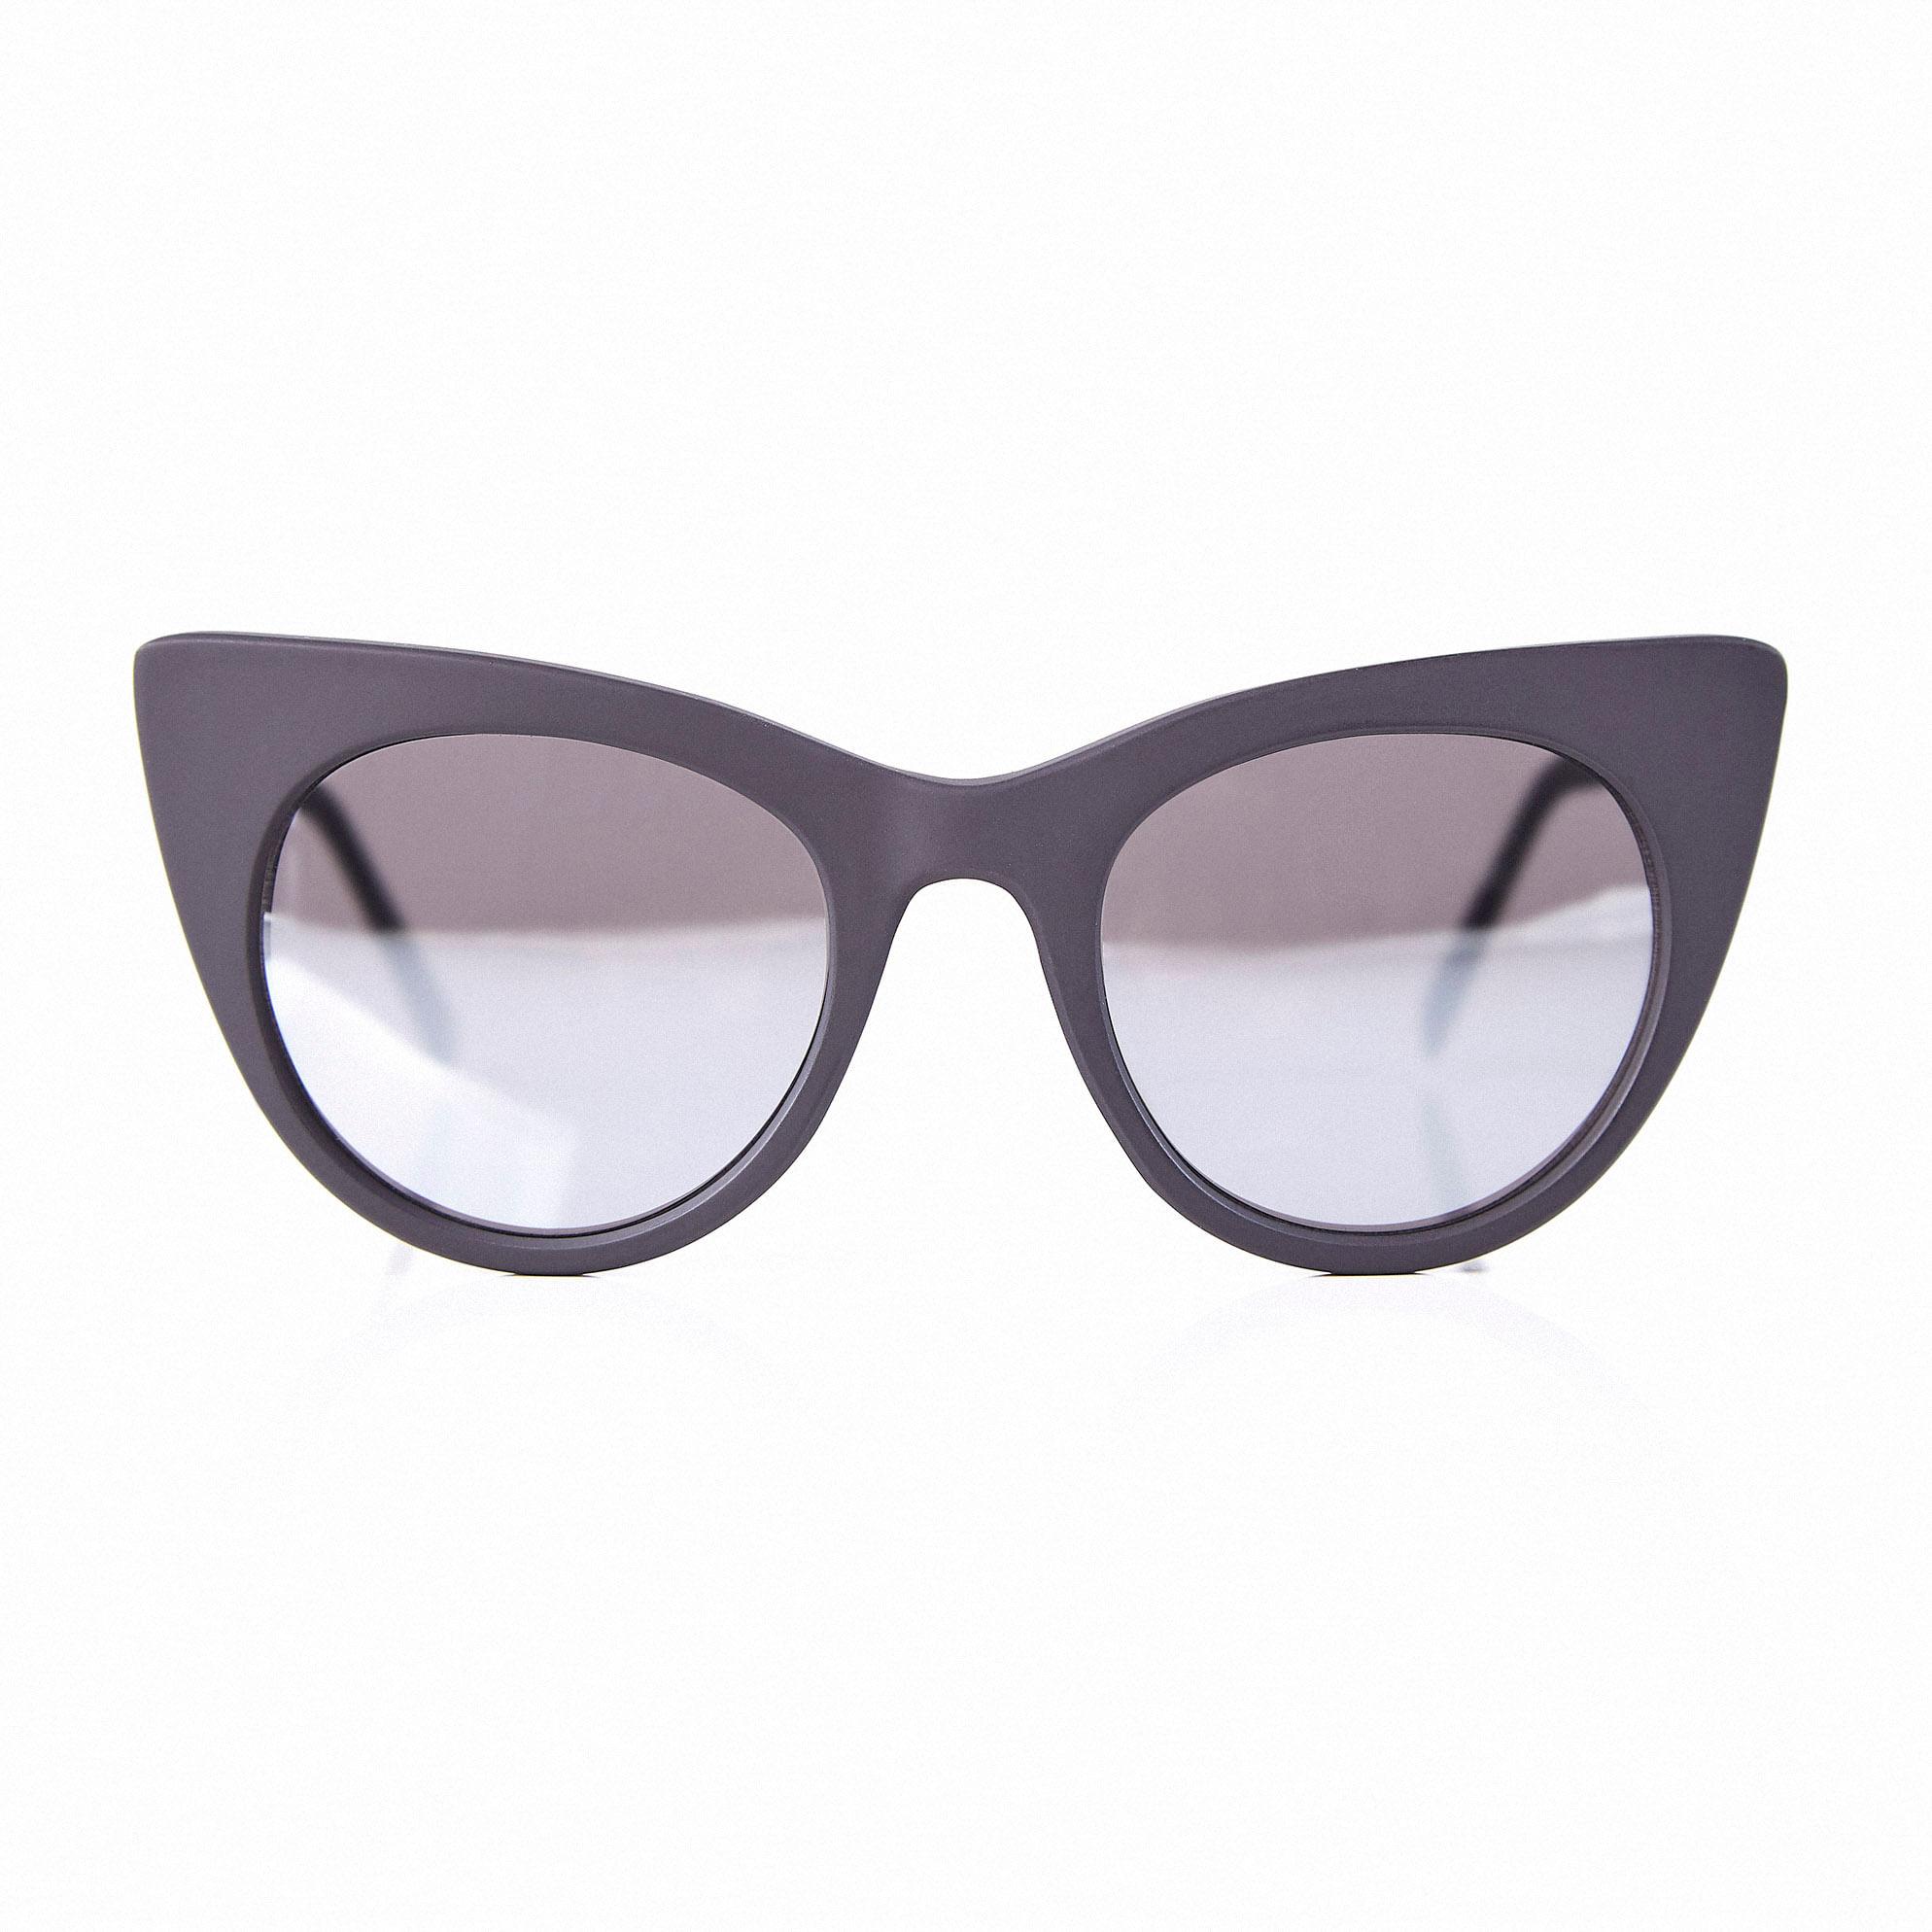 c334976367b26 Oculos Gatinho Com Lente Espelhada Preto - morenarosa